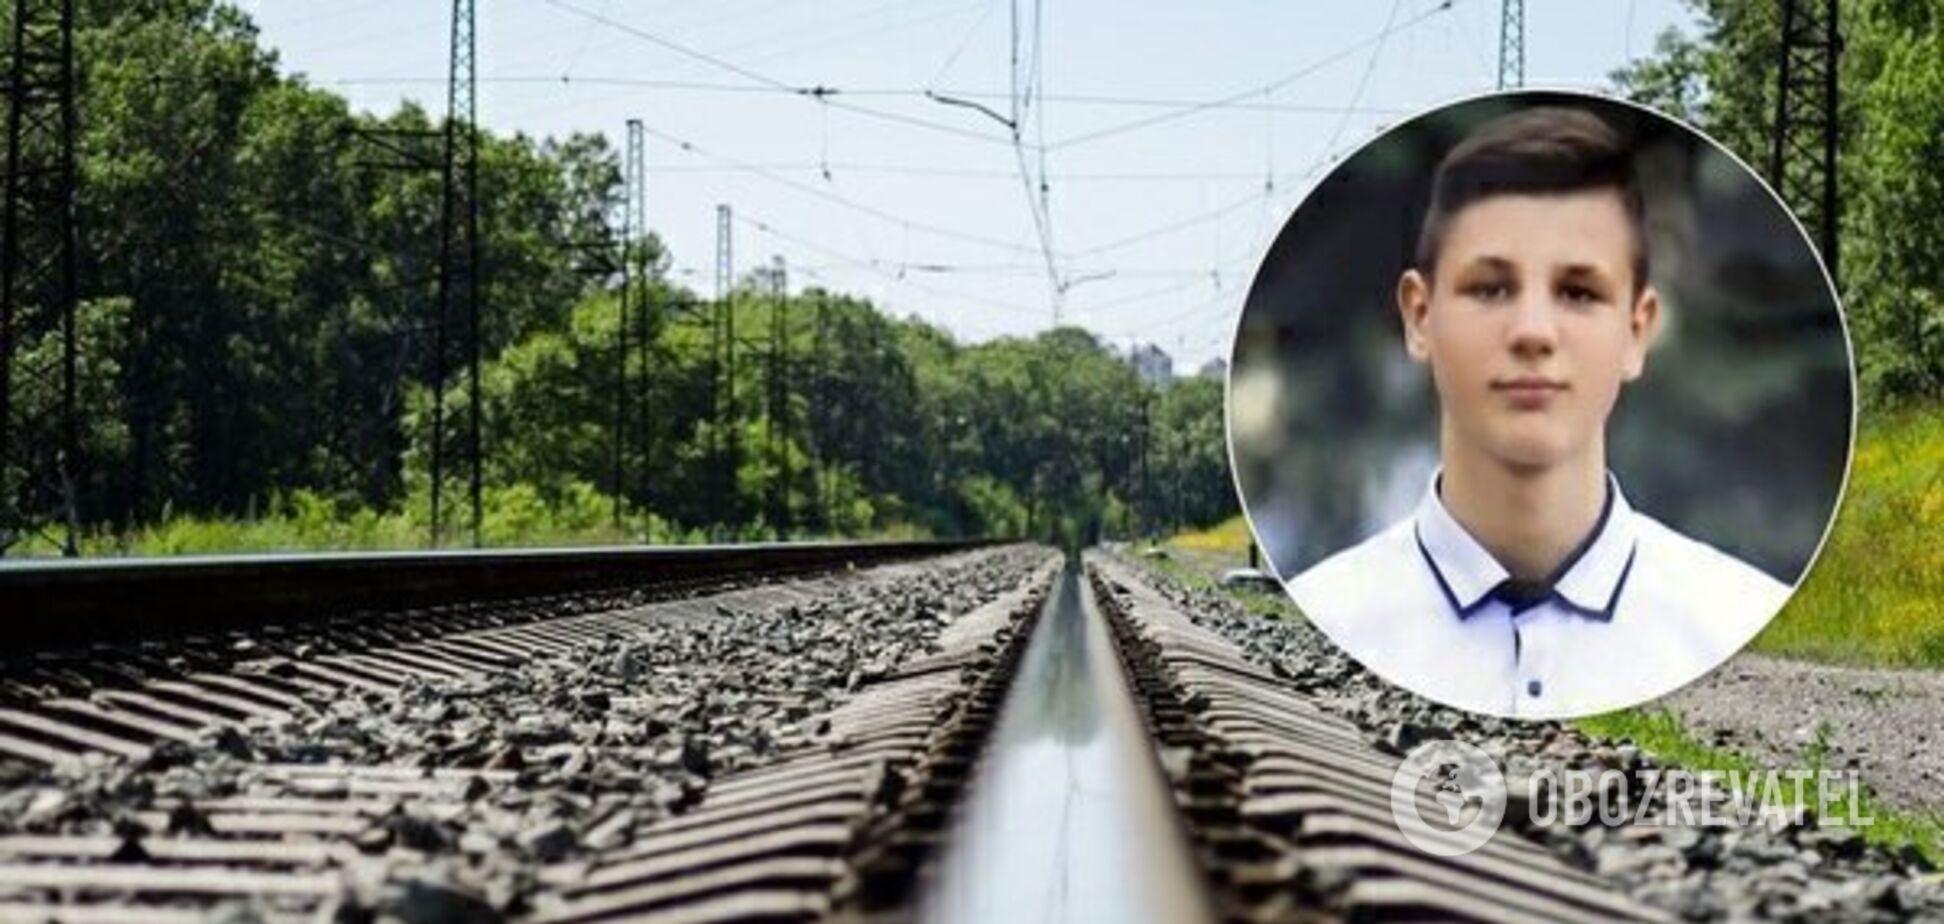 Денис Чаленко: з'явилися нові дані про збитого потягом підлітка у Прилуках